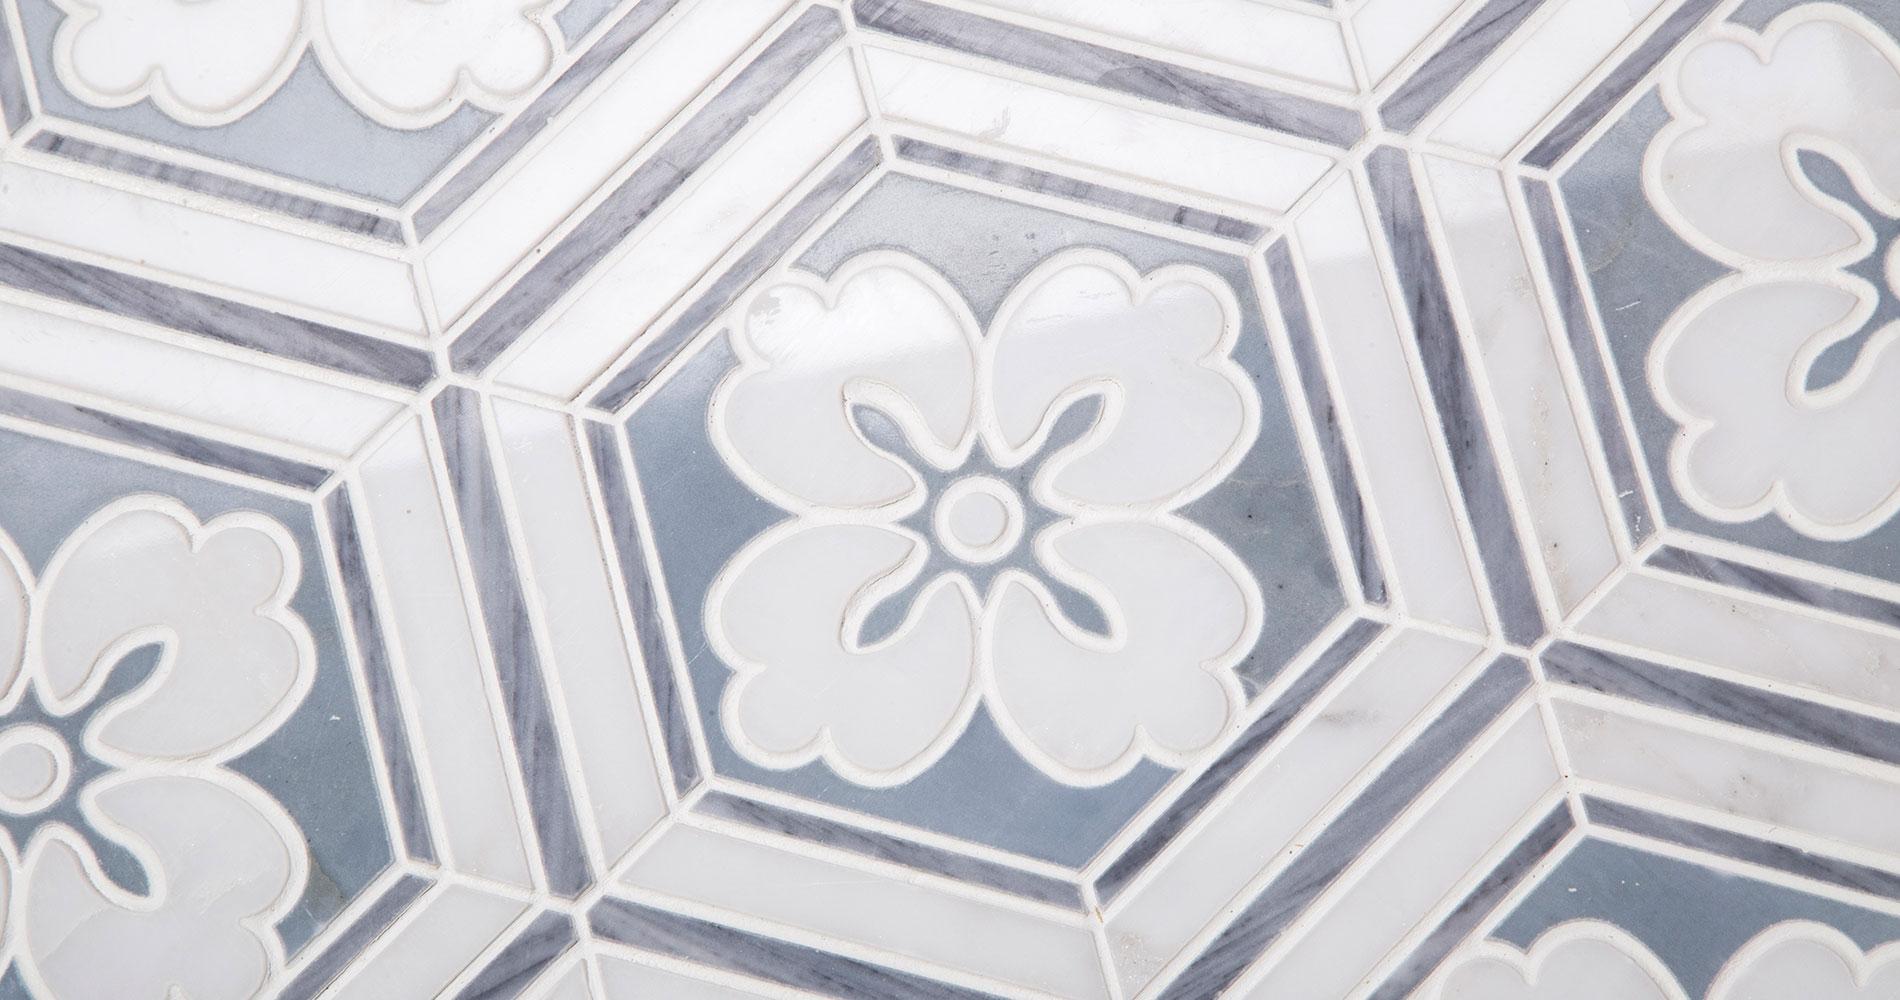 entury-Mosaic-Flora-Water-Jet-Mosaic-Tile-2